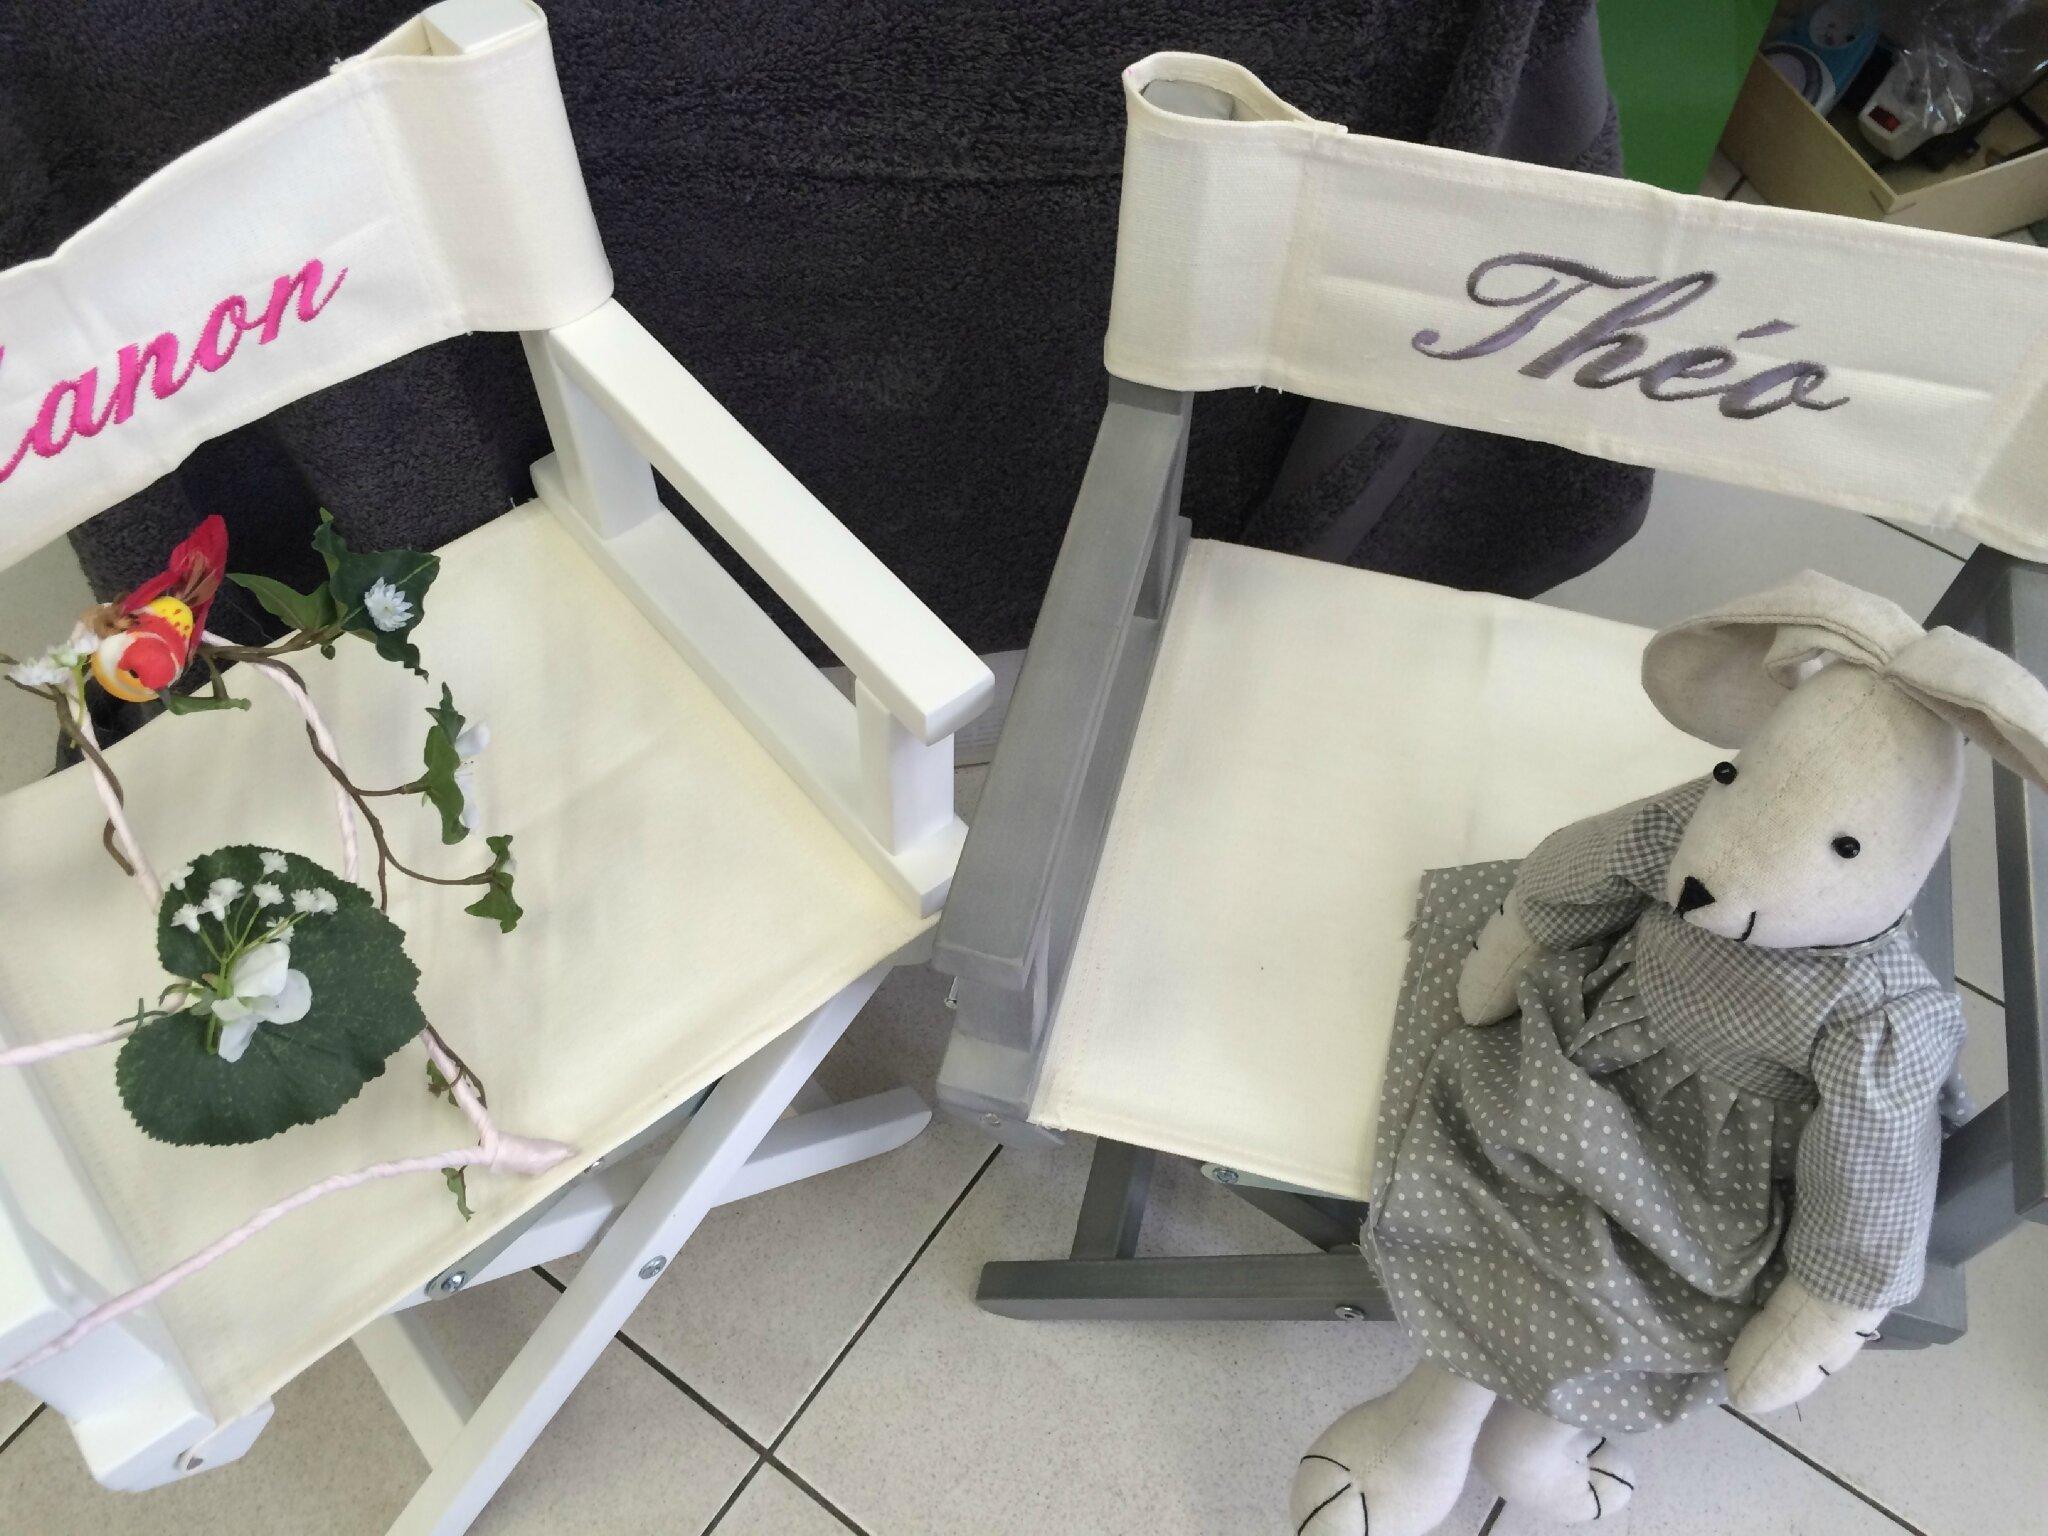 le sp cialiste du cadeau personnalis paris naissance mariage tous les v nements de la vie. Black Bedroom Furniture Sets. Home Design Ideas